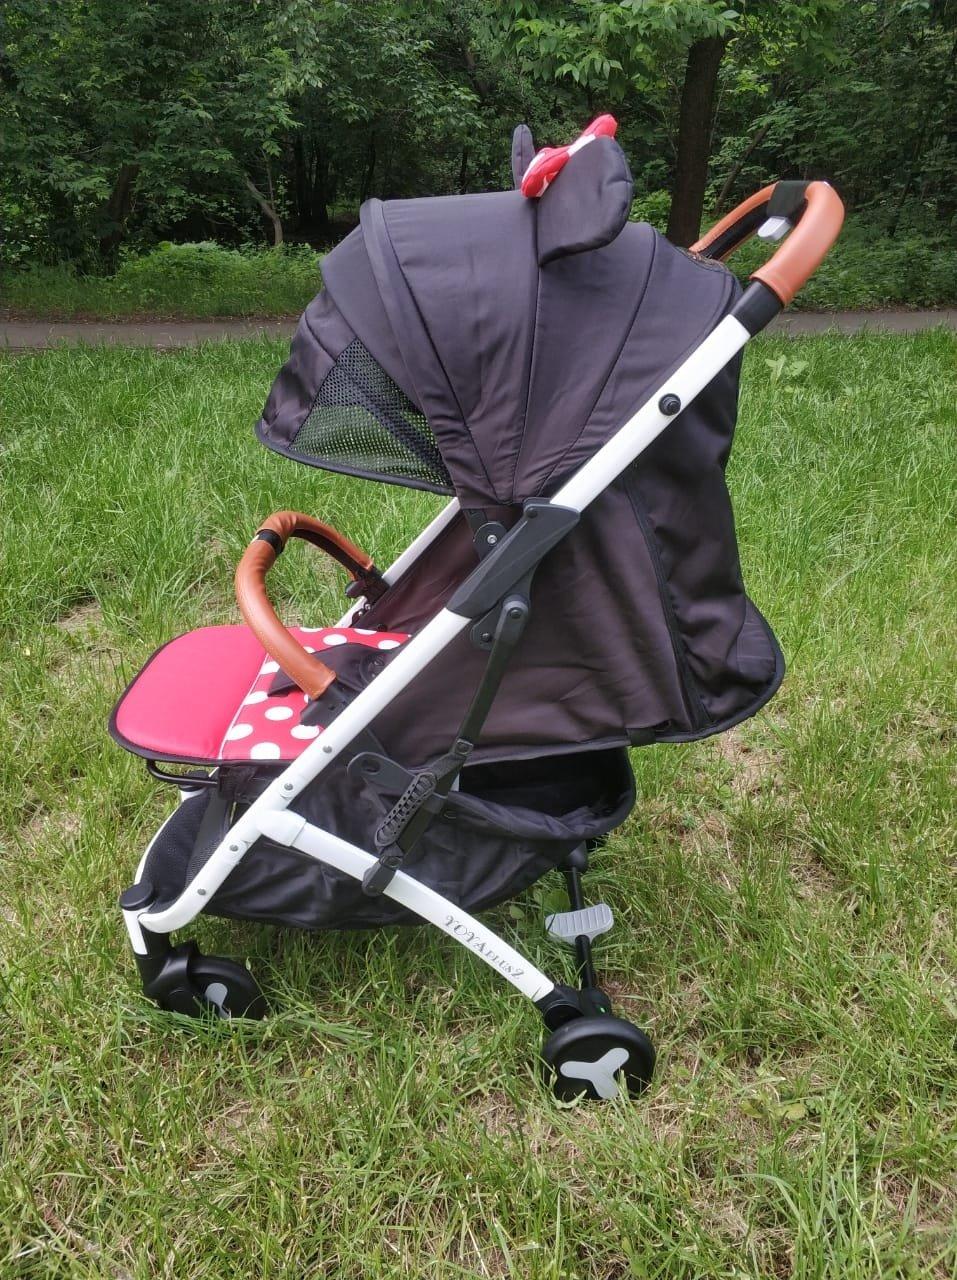 детская коляска yoya plus 2 2018 цвет минни